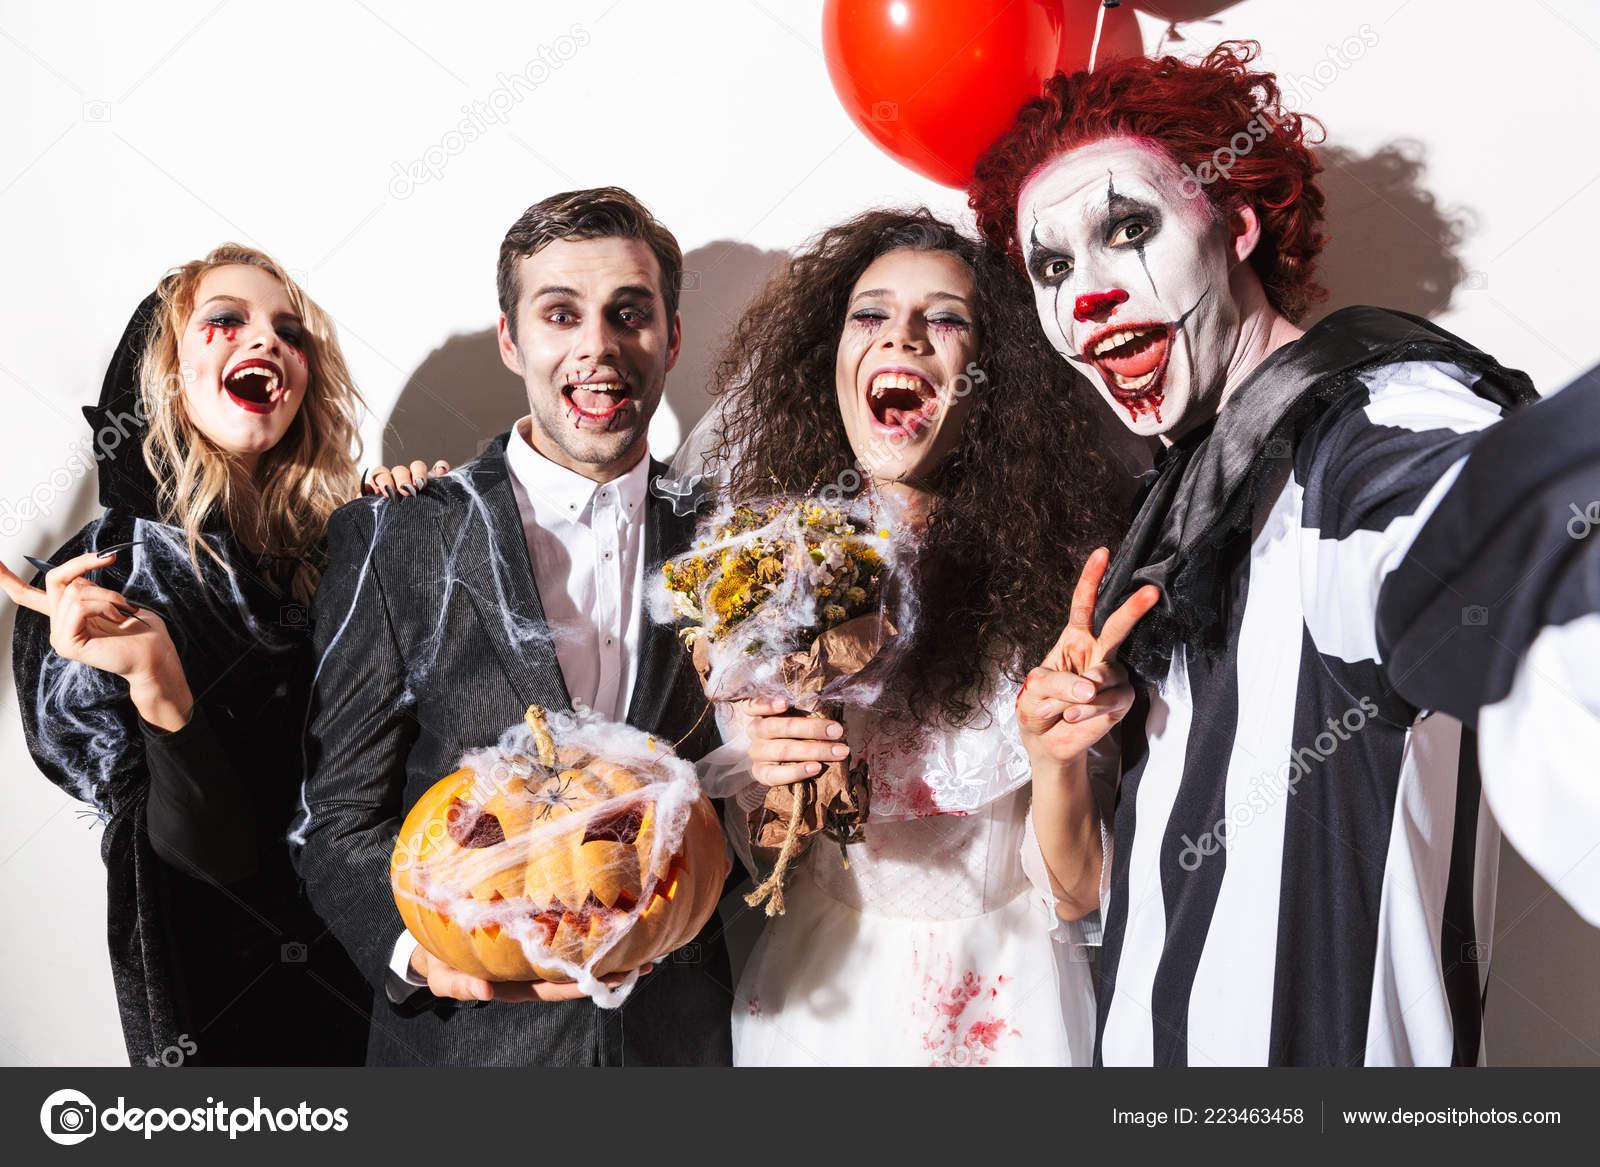 Halloween Gruppo.Gruppo Amici Emozionanti Vestite Costumi Spaventosi Che Celebra